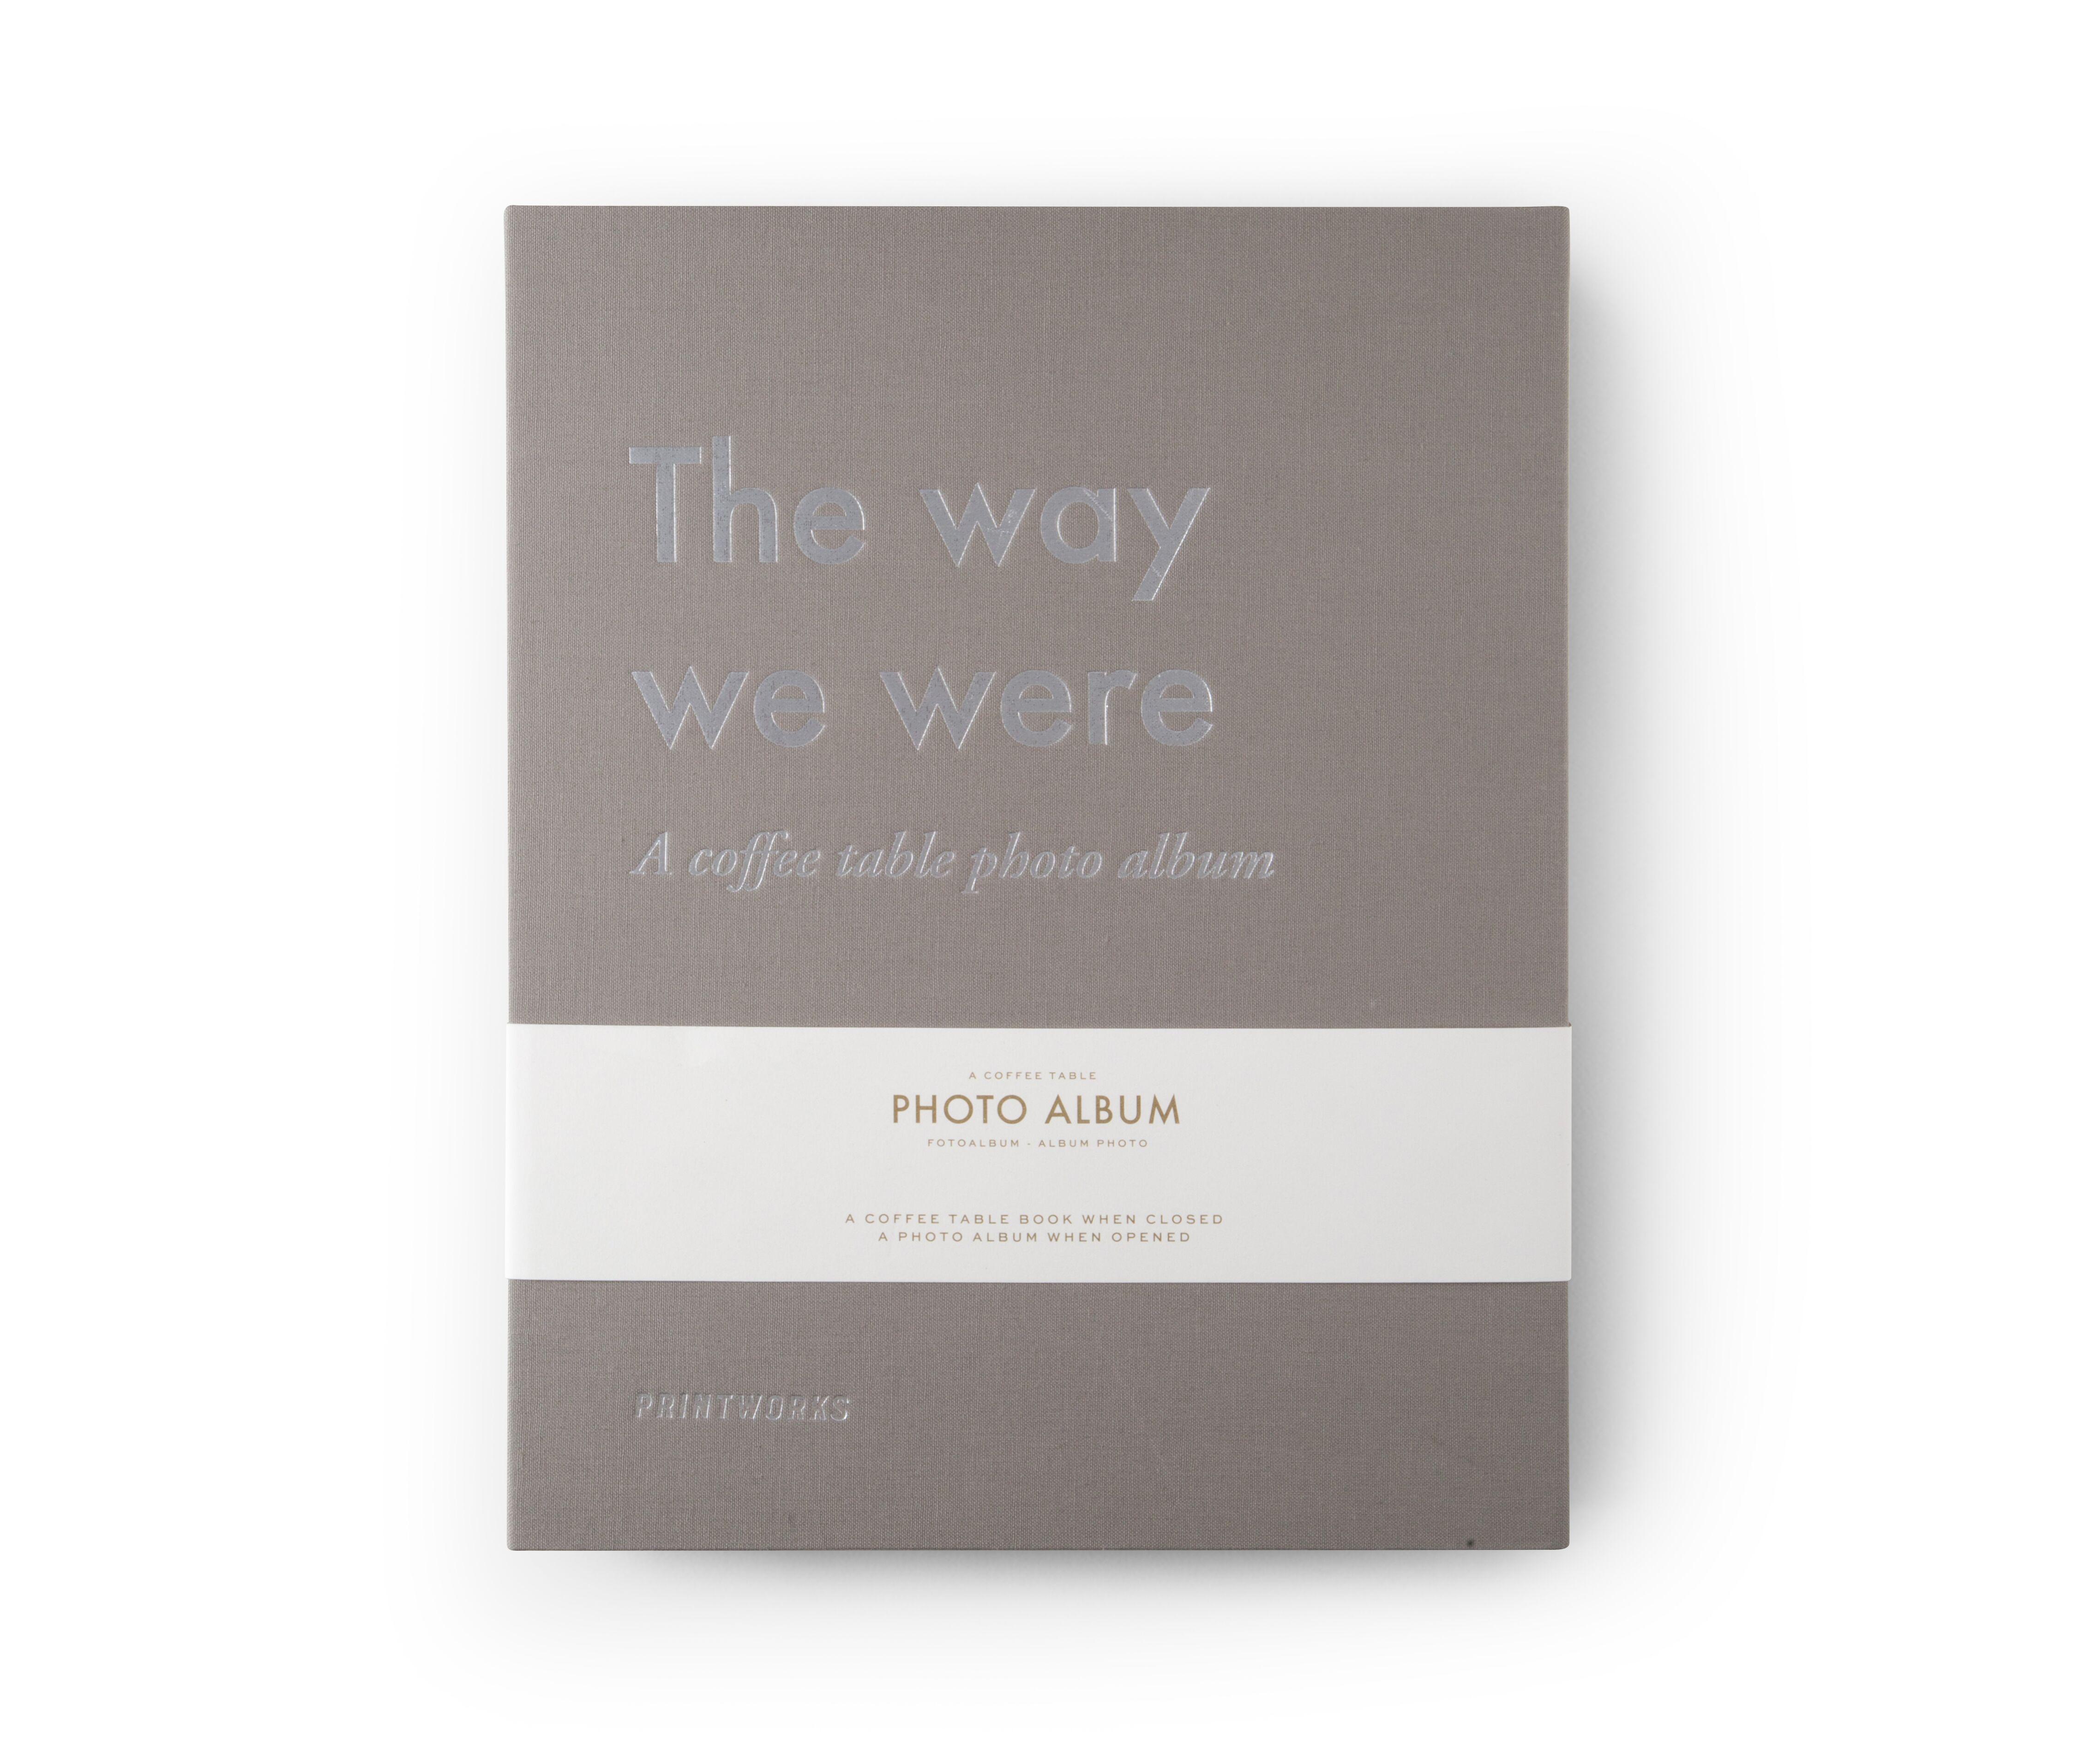 Photo Album - The Way We Were (PW00150)